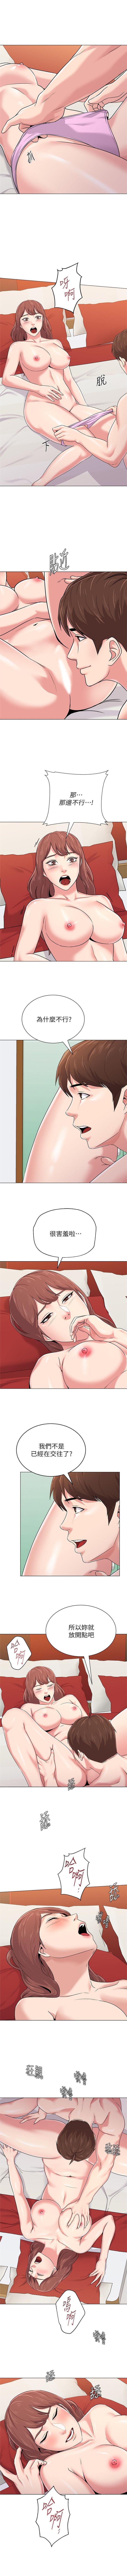 老師 1-80 官方中文(連載中) 357